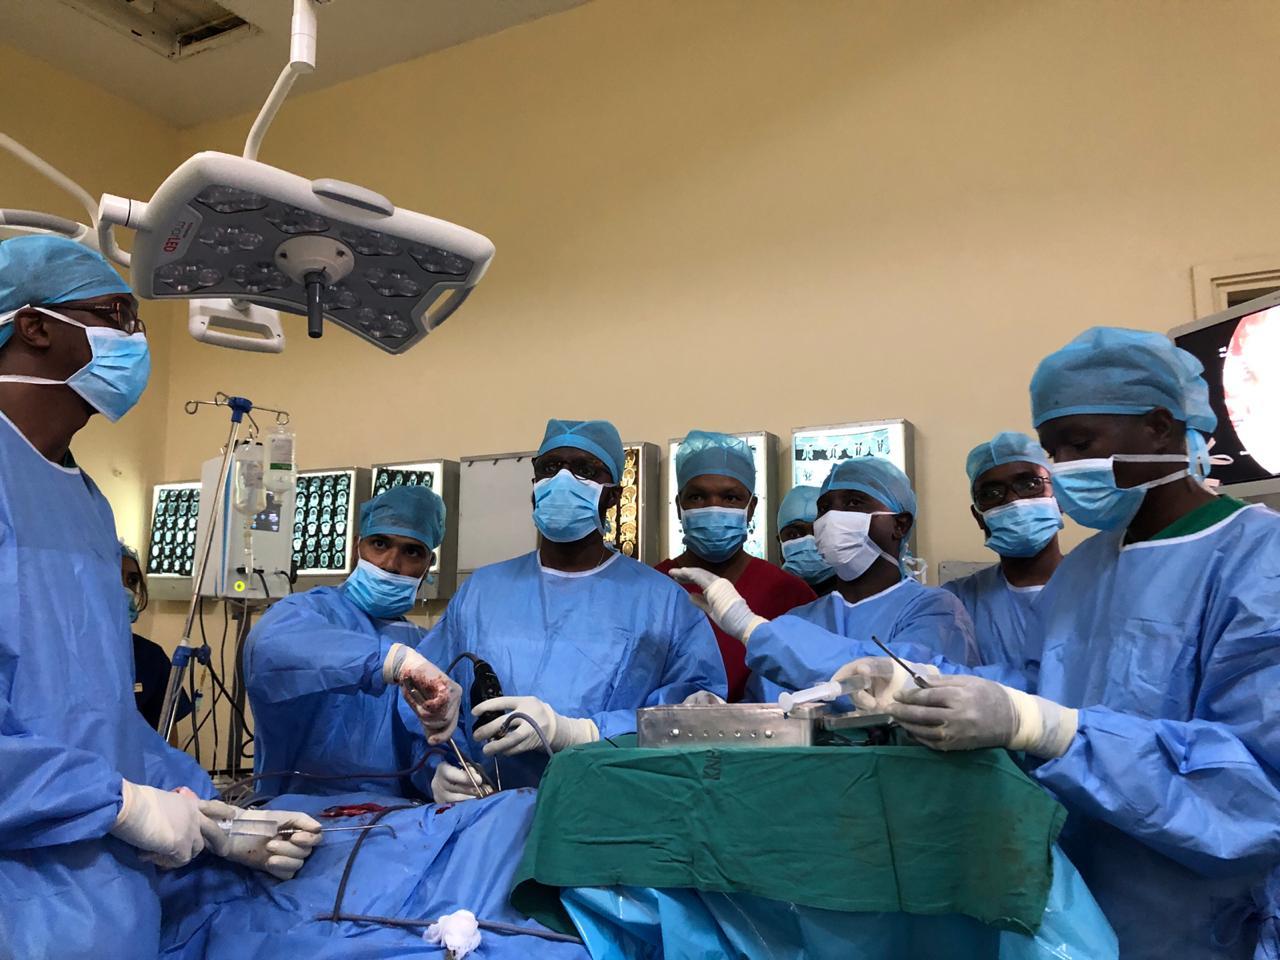 Dr. Sunil Kutty at Kenya